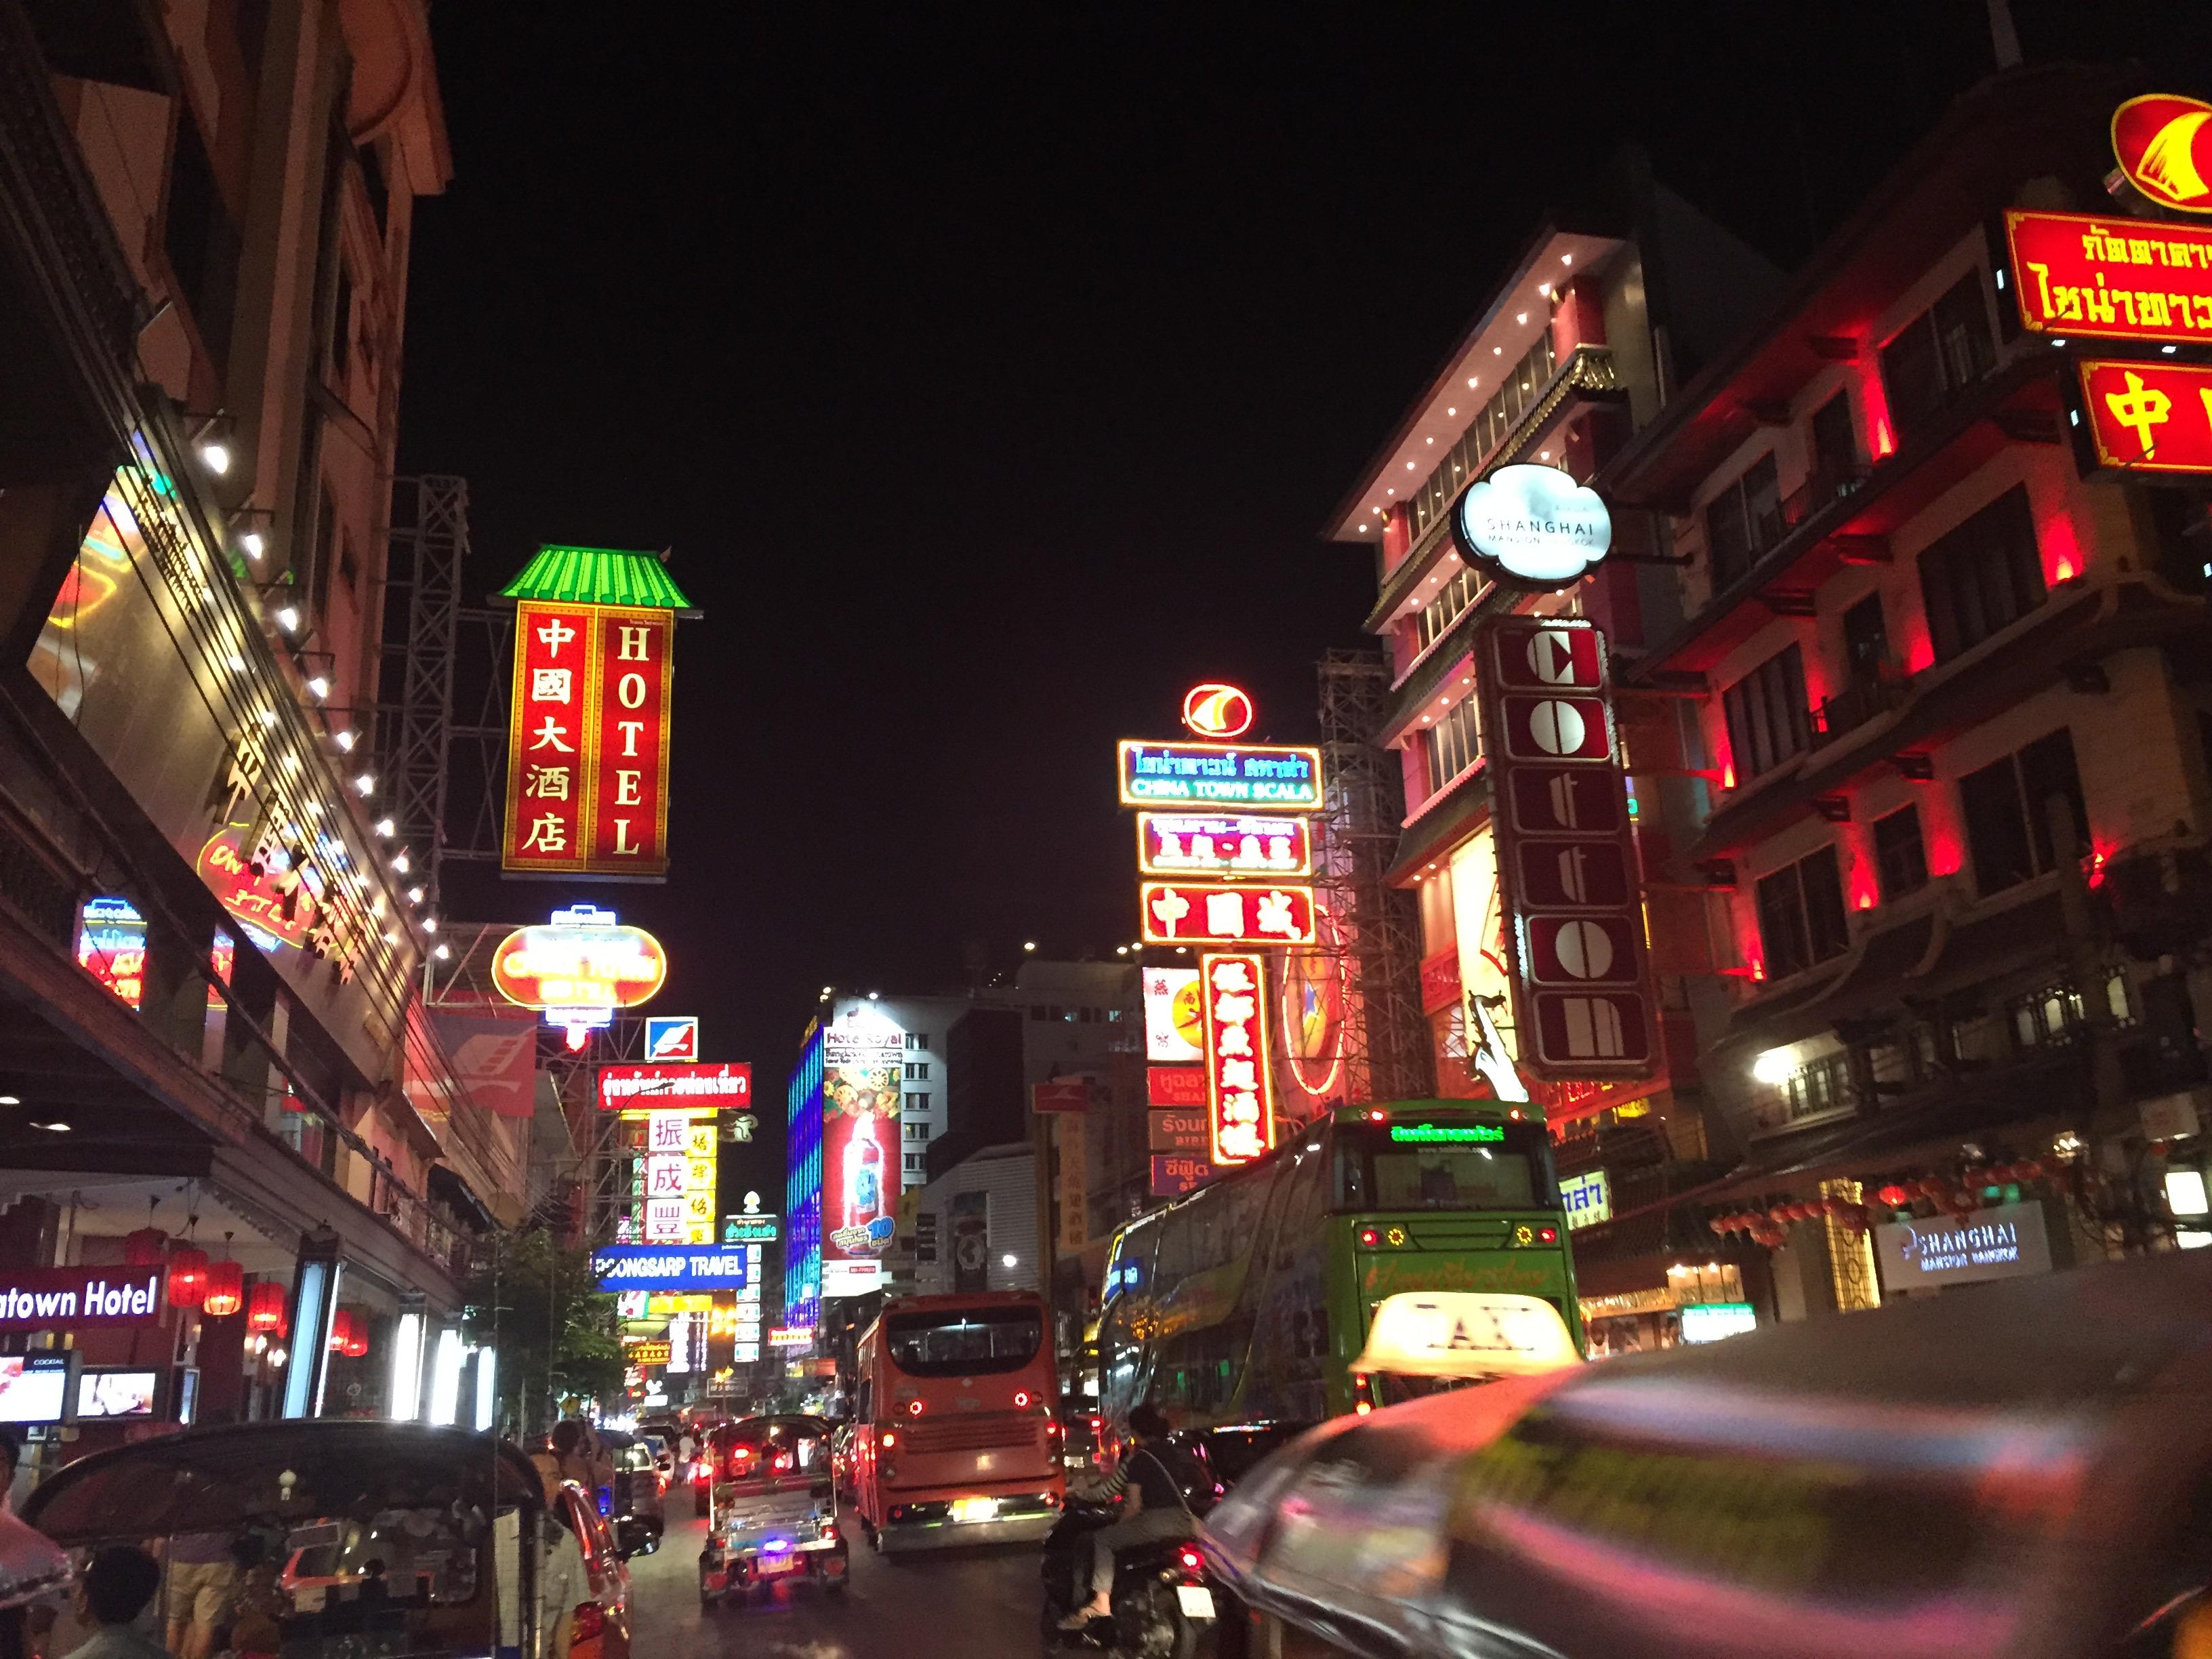 Bangkok China Town - still very busy